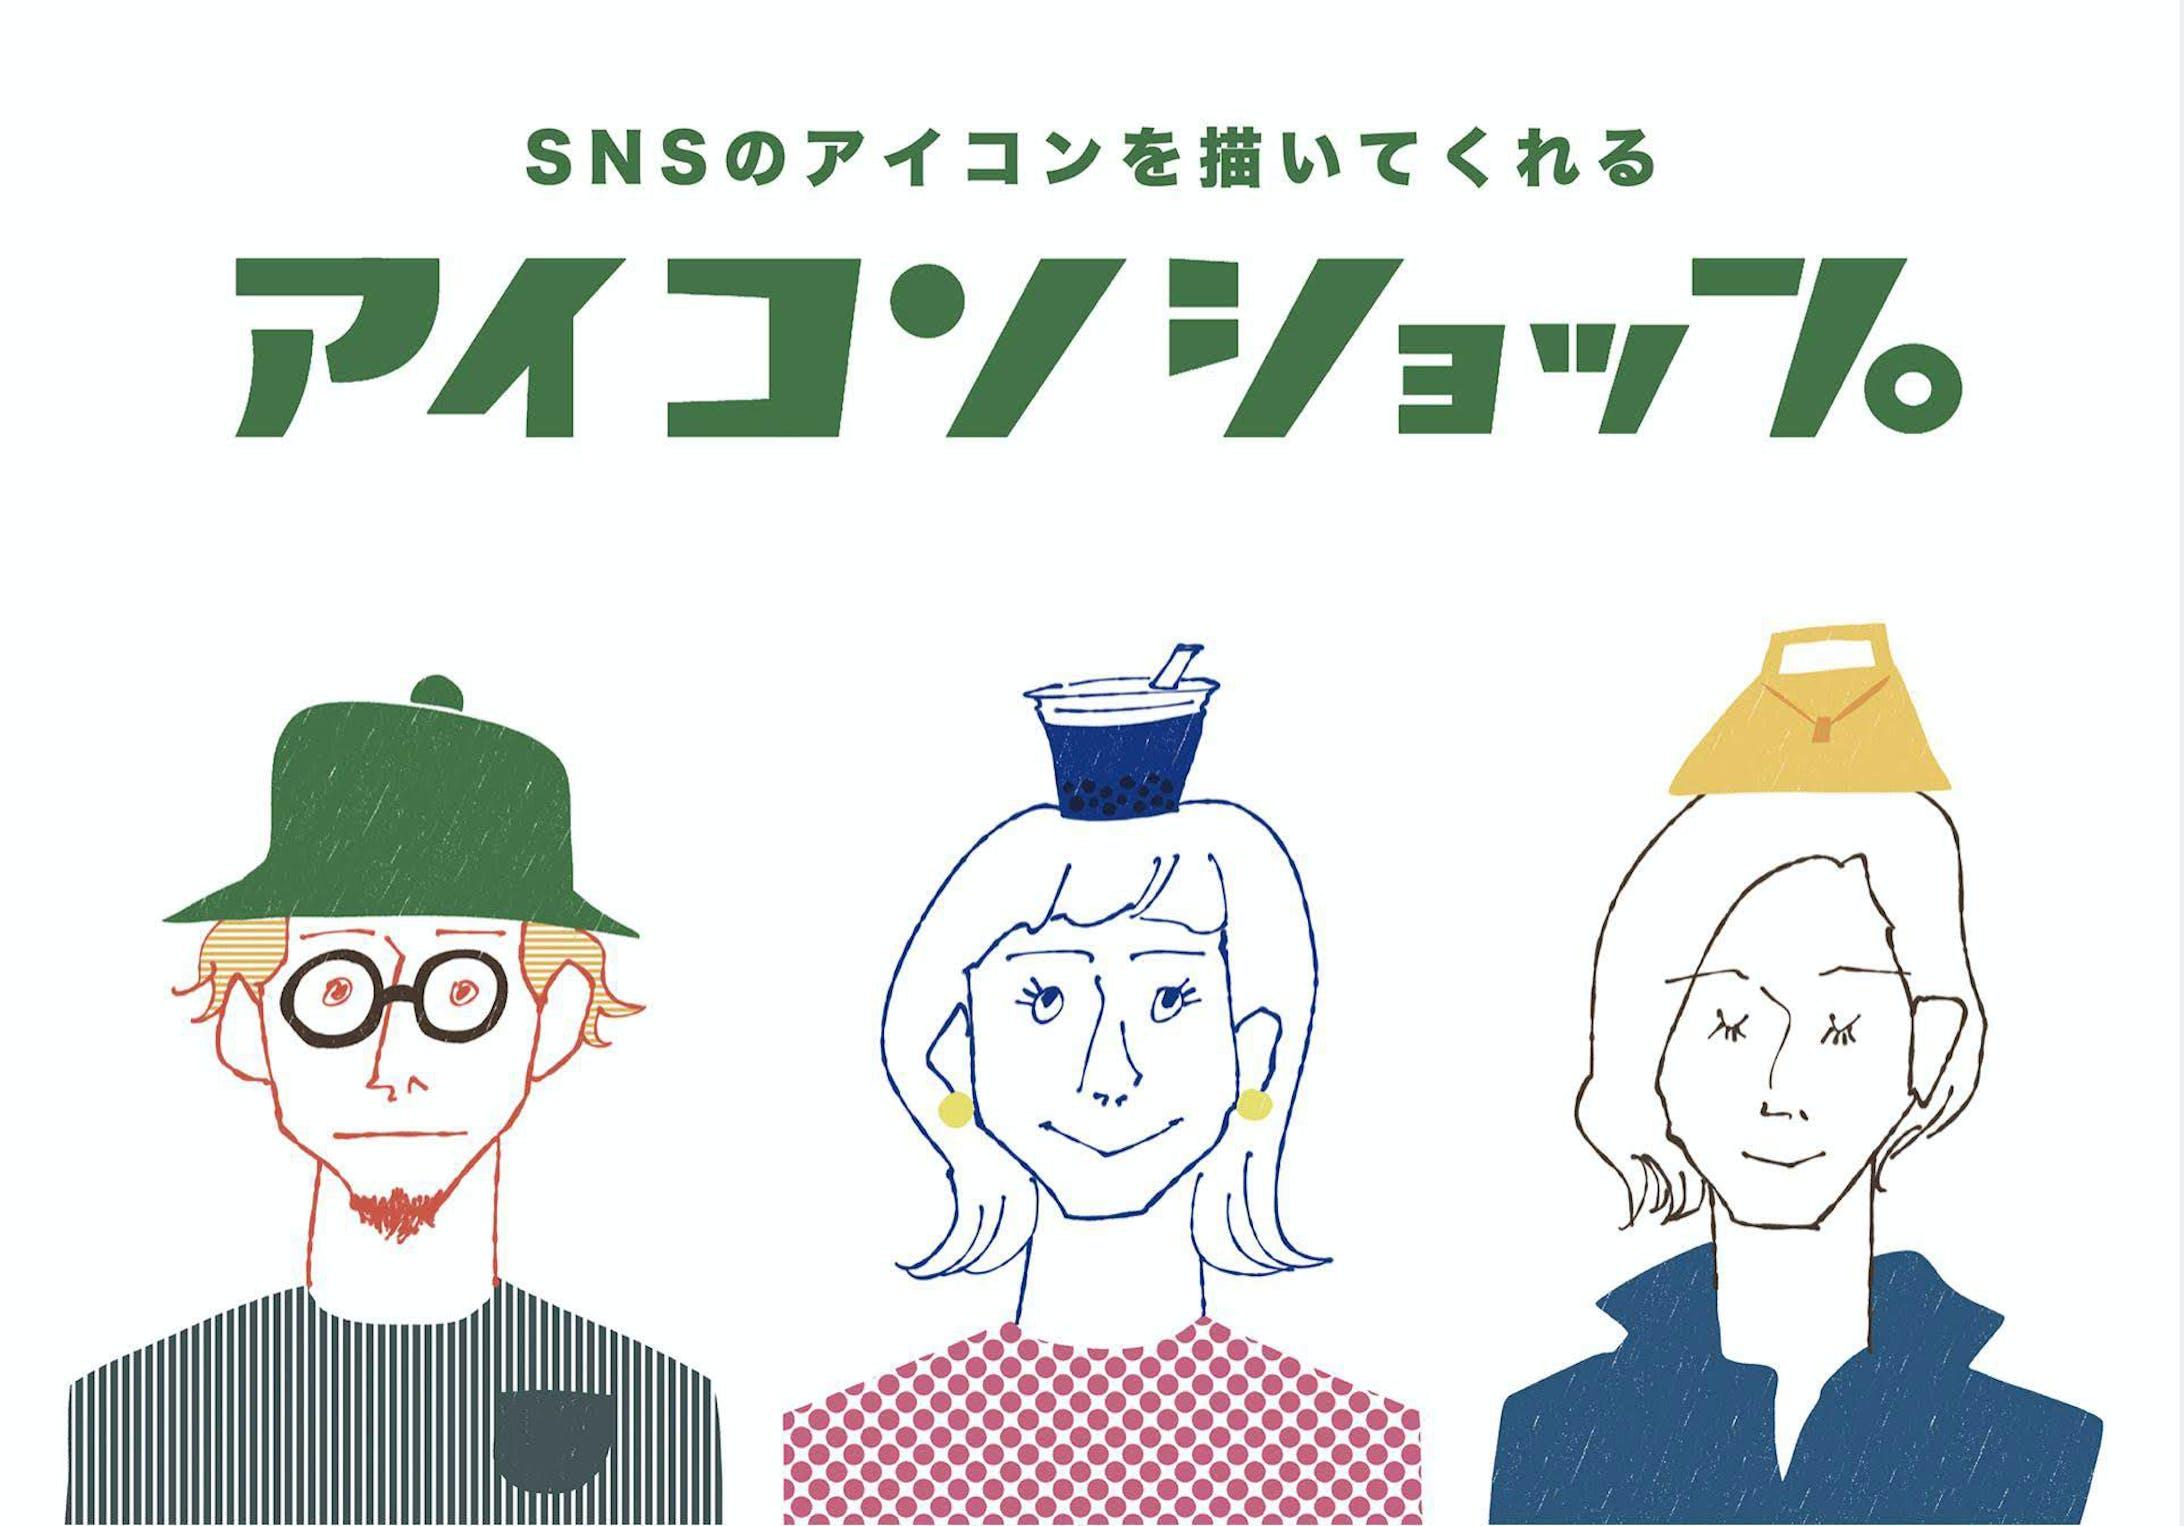 ルクア大阪:妄想ショップ「アイコンショップ」-1